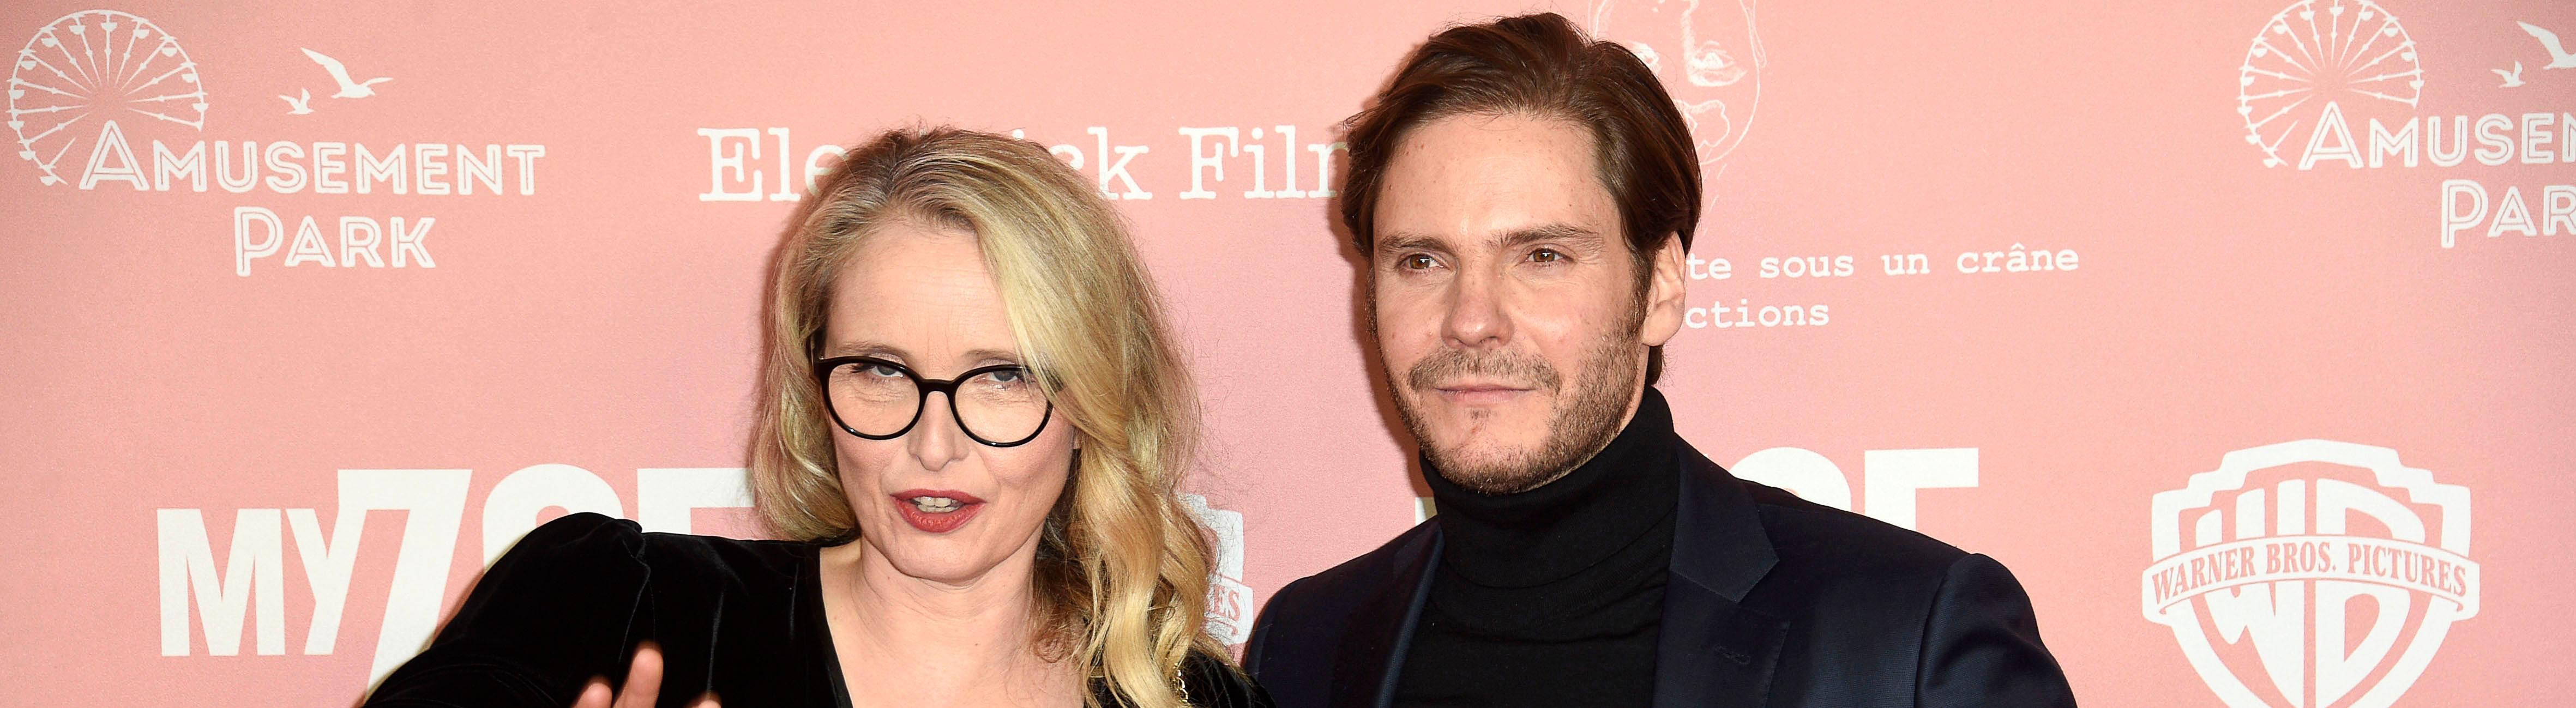 Julie Delpy und Daniel Brühl bei der Premiere des Kinofilms My Zoe im Kino International.